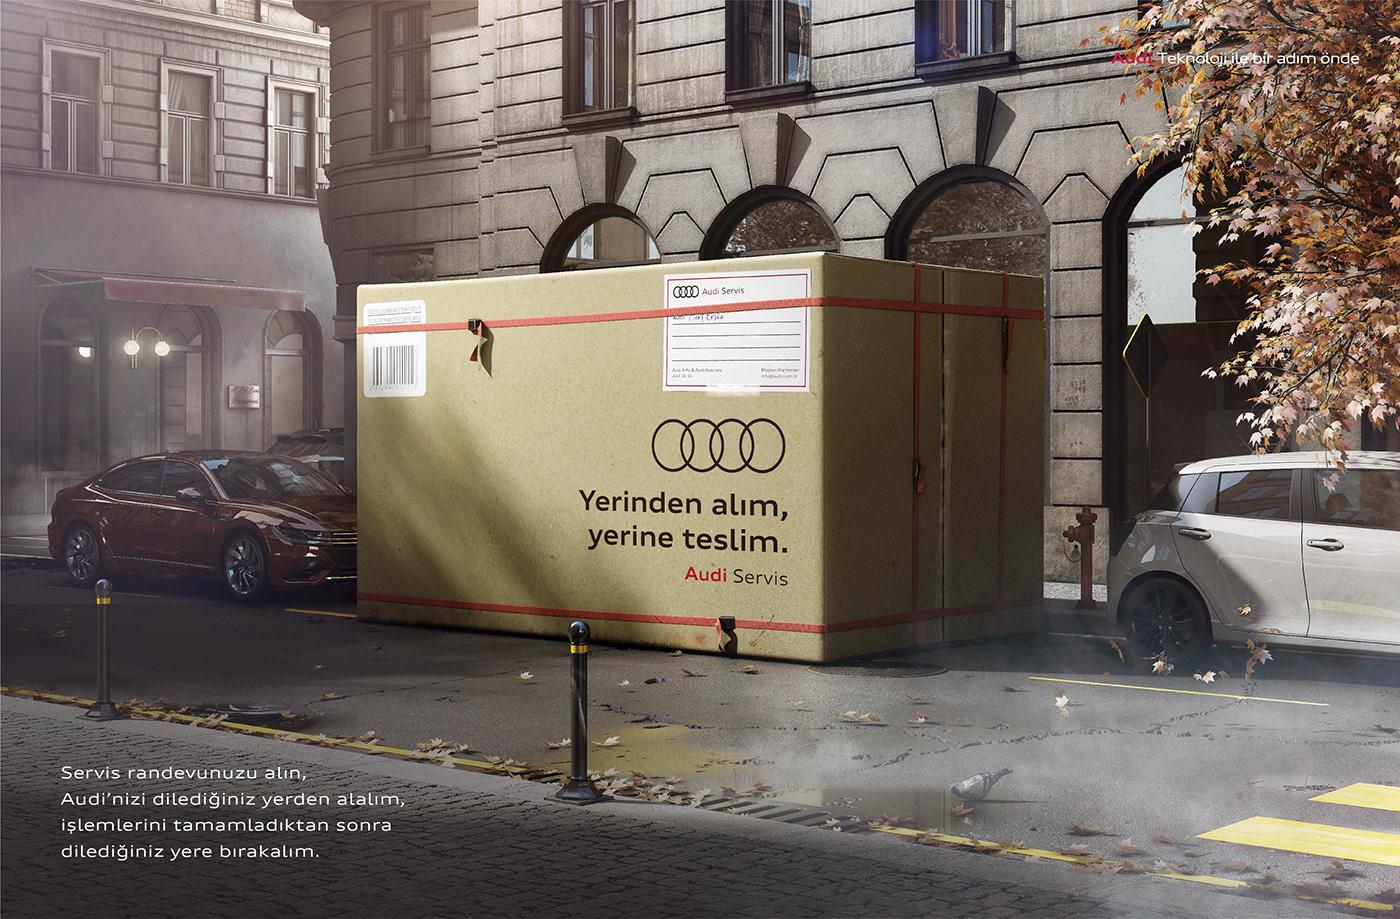 Audi audi turkey audi türkiye box car CAR SERVICE service Turkey